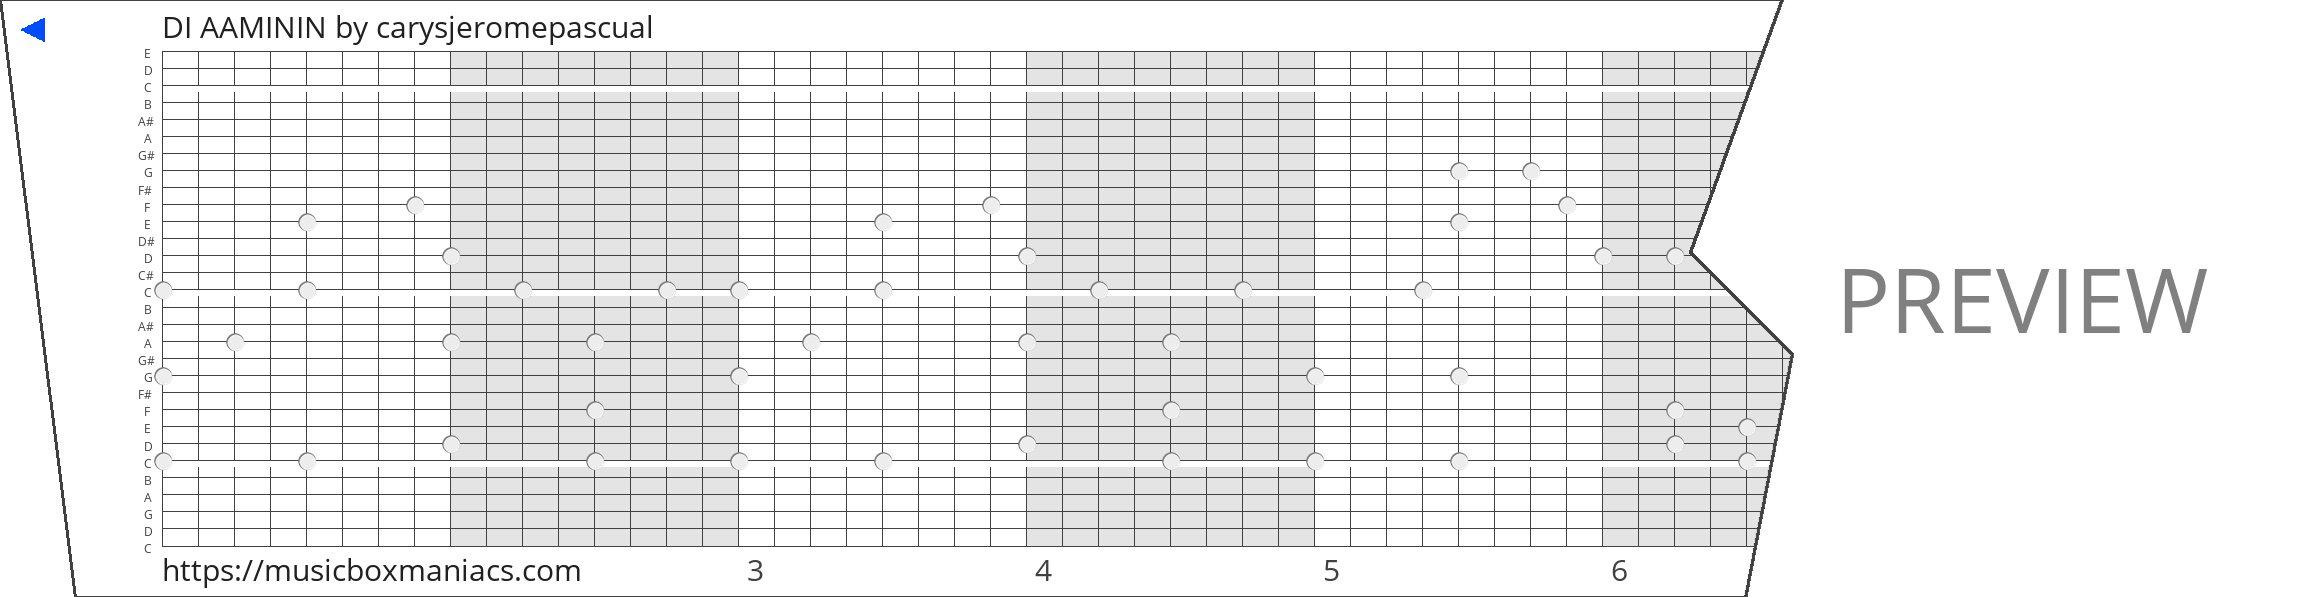 DI AAMININ 30 note music box paper strip